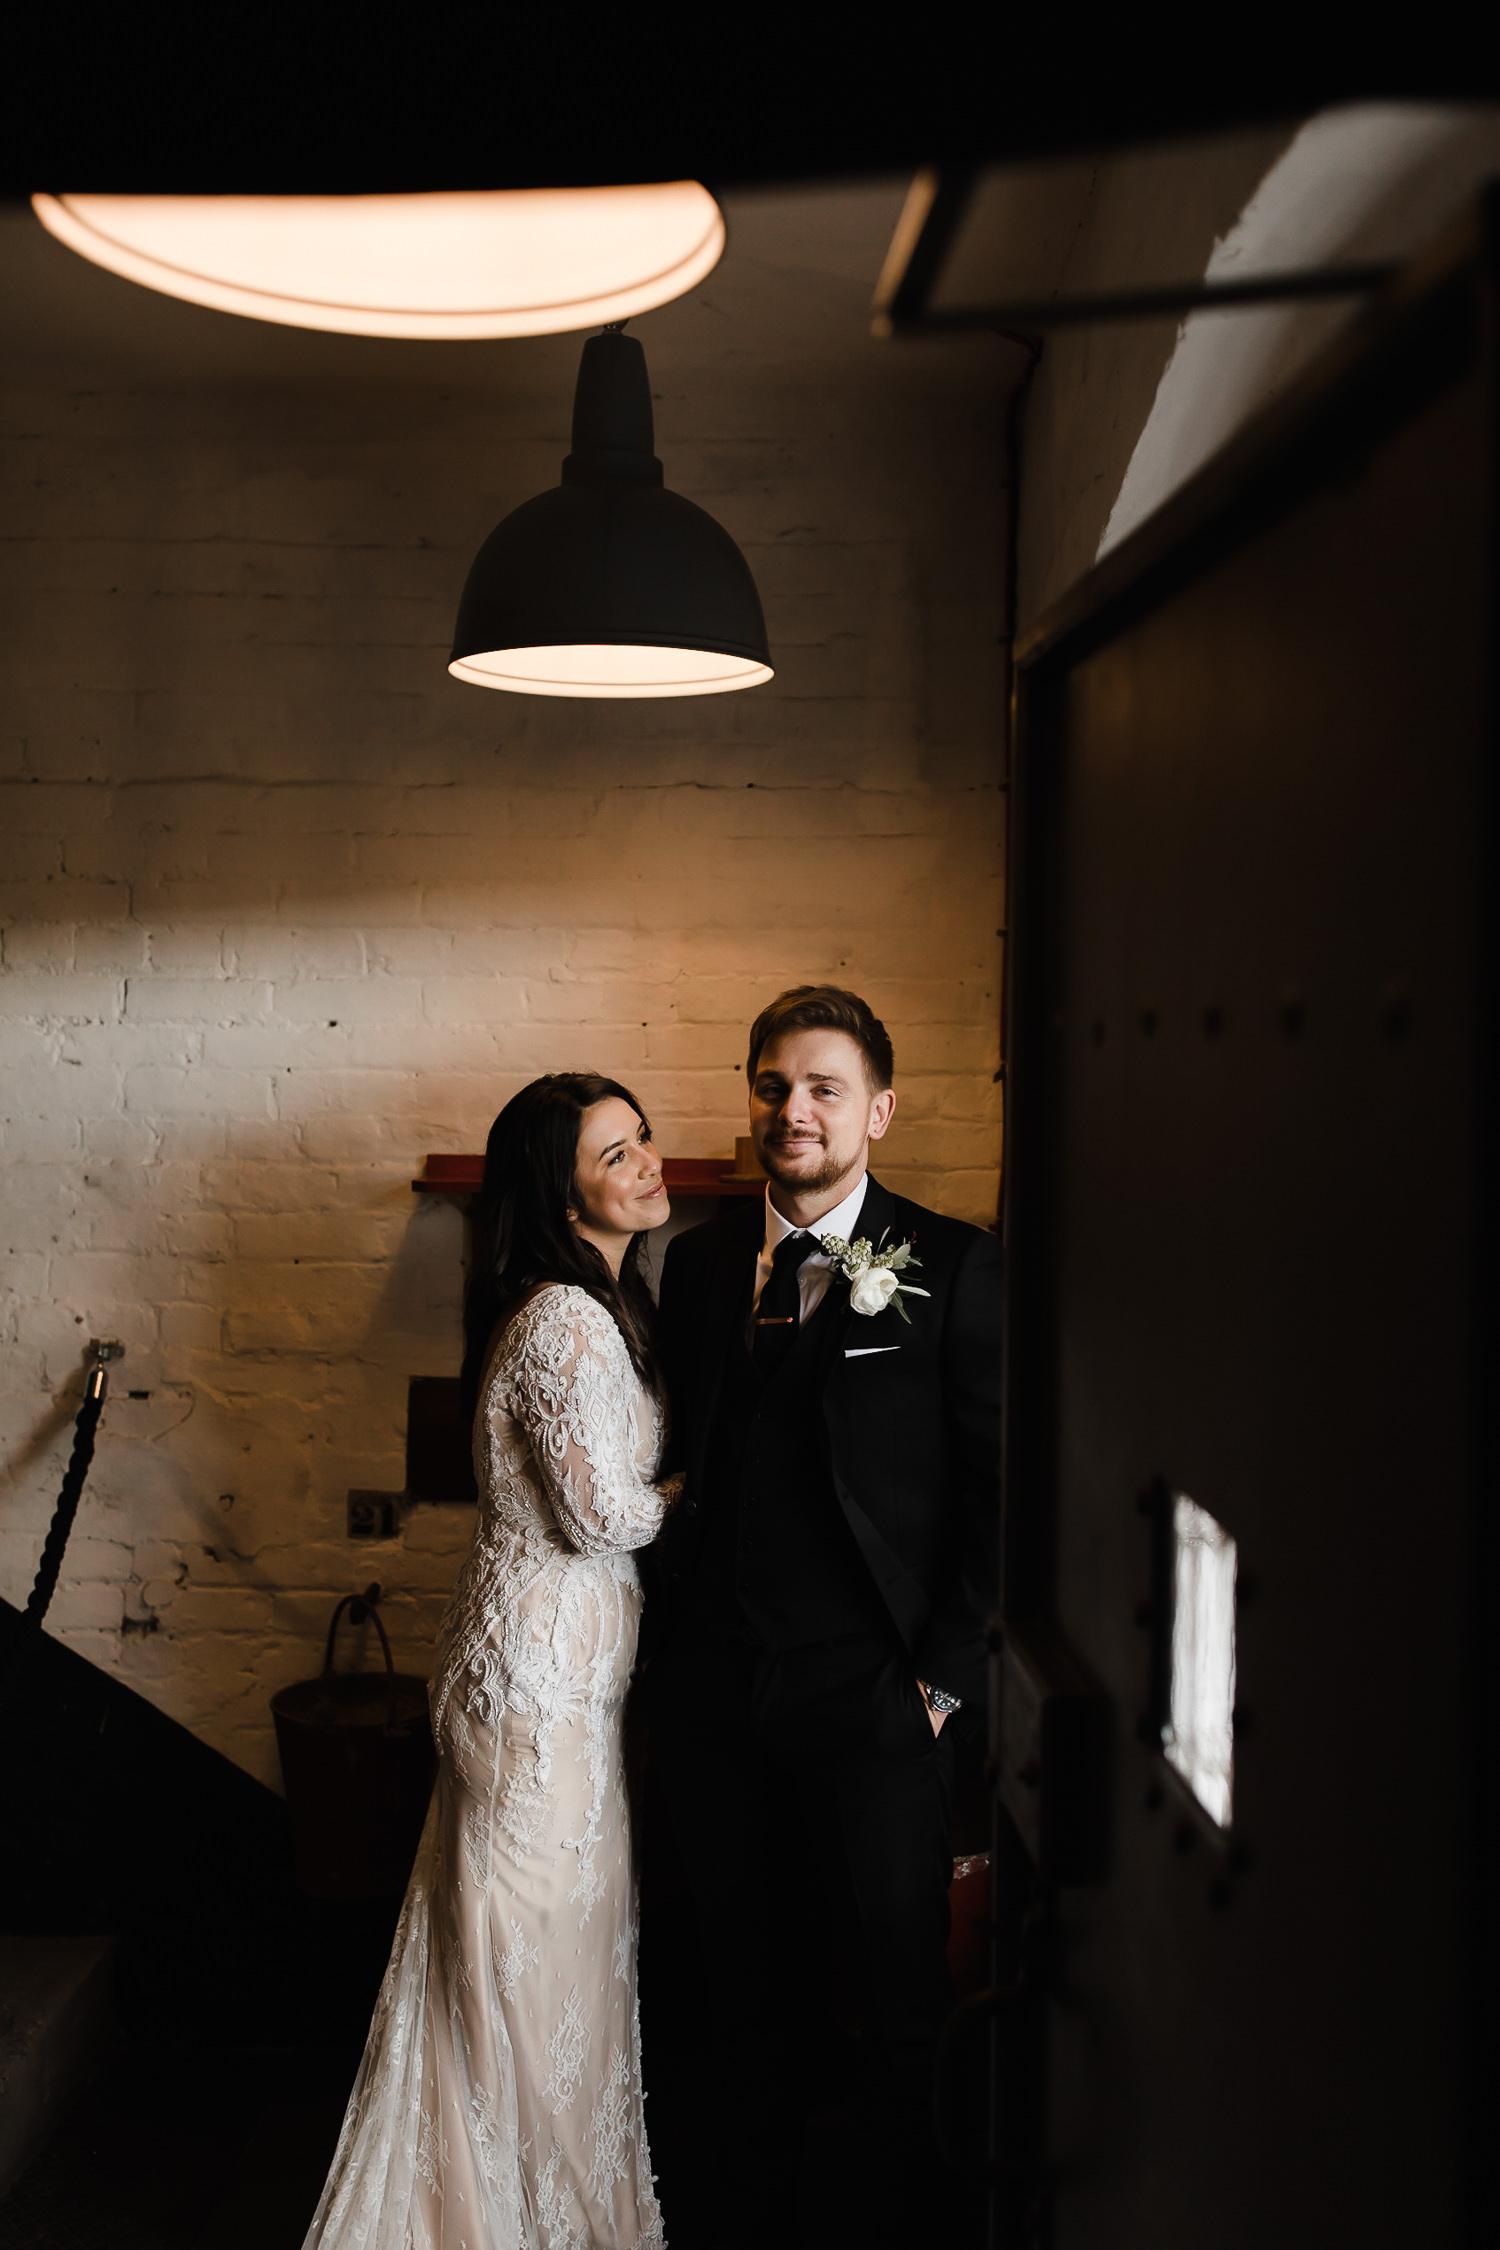 West_Mill_Wedding_Cool_106.jpg